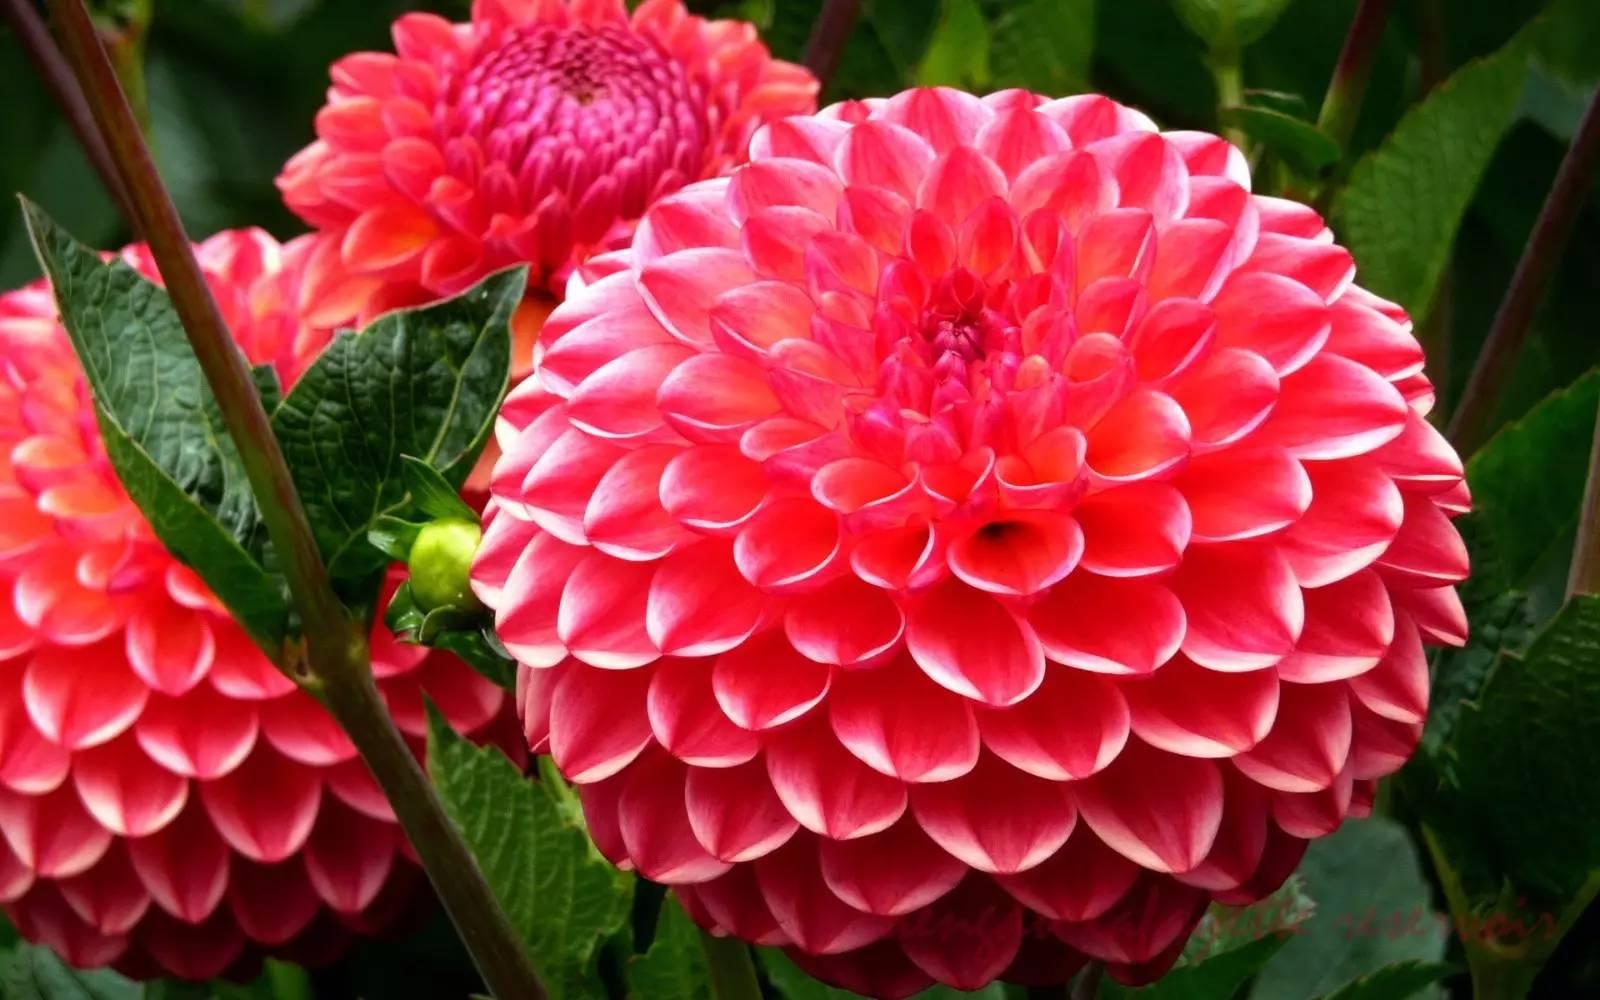 大丽花 大丽花,菊科、大丽花属植物。别名大理花、天竺牡丹、东洋菊、大丽菊、地瓜花,多年生草本,有巨大棒状块根。茎直立,多分枝,高1.5-2米,粗壮。头状花序大,有长花序梗,常下垂,宽6-12厘米。总苞片外层约5个,卵状椭圆形,叶质,内层膜质,椭圆状披针形。舌状花1层,白色,红色,或紫色,常卵形,顶端有不明显的3齿,或全缘。花期6月-12月。